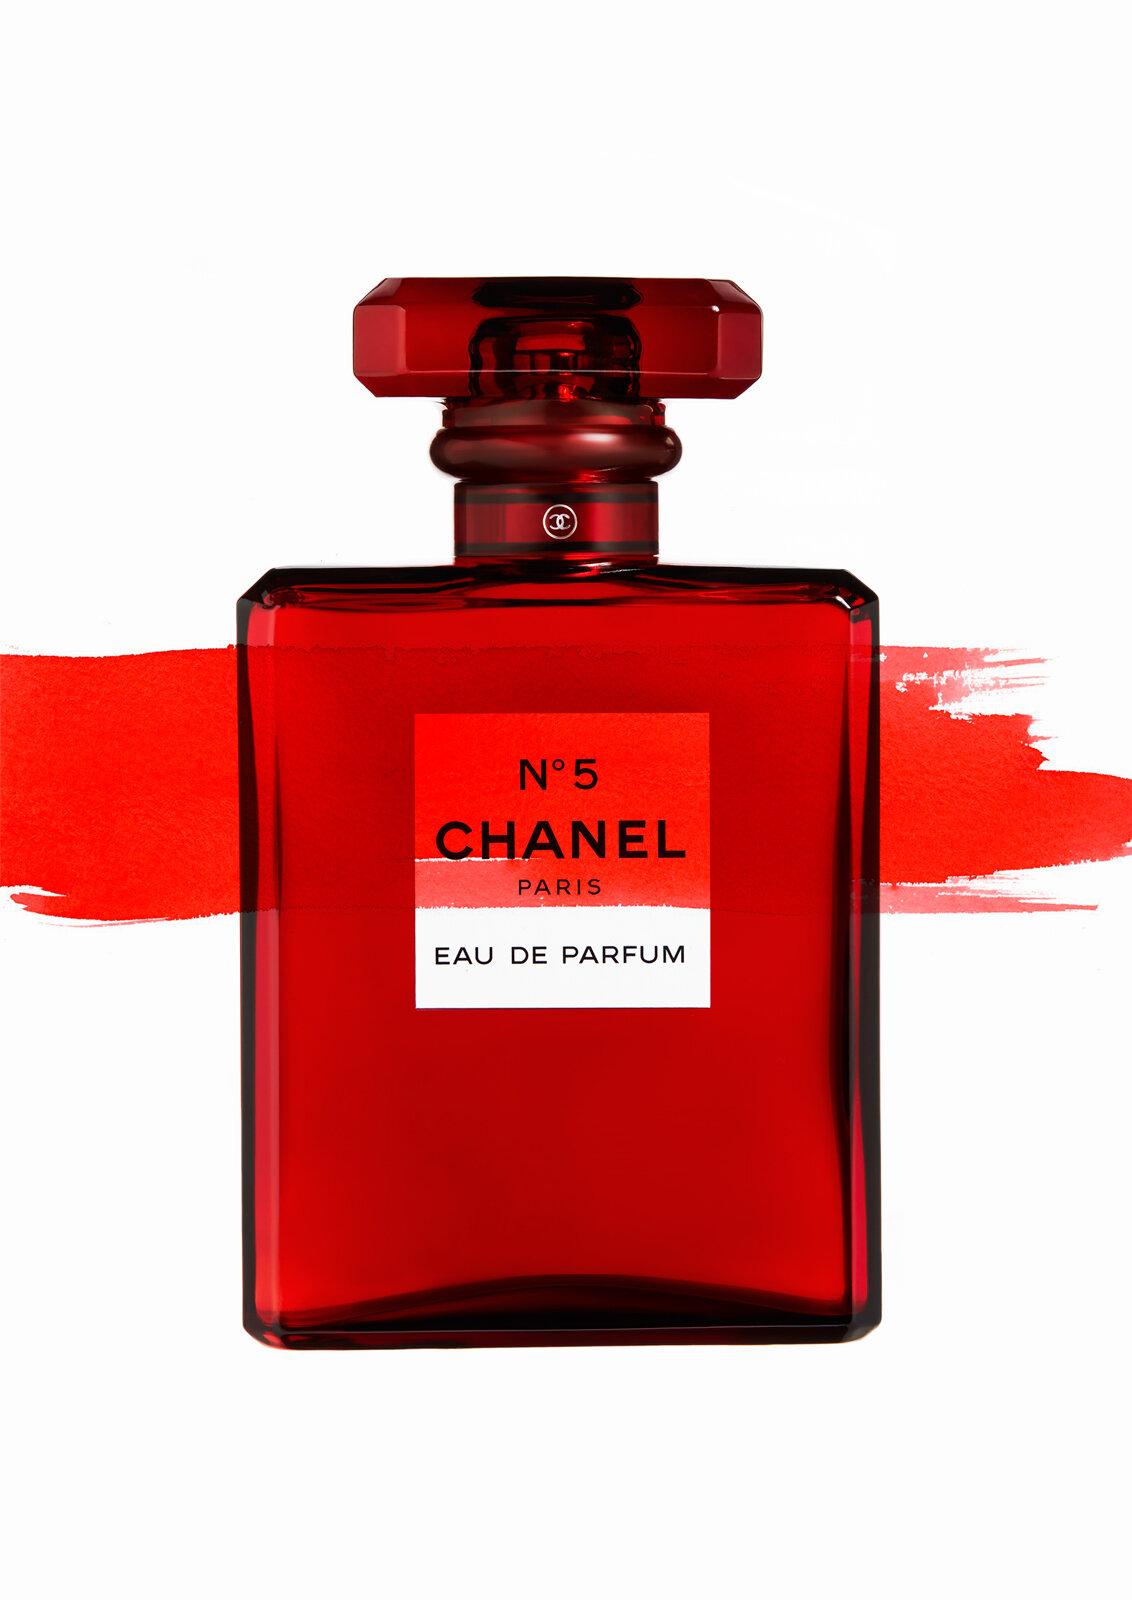 CL_Chanel_1-rouge-Johanne-Mills.jpg